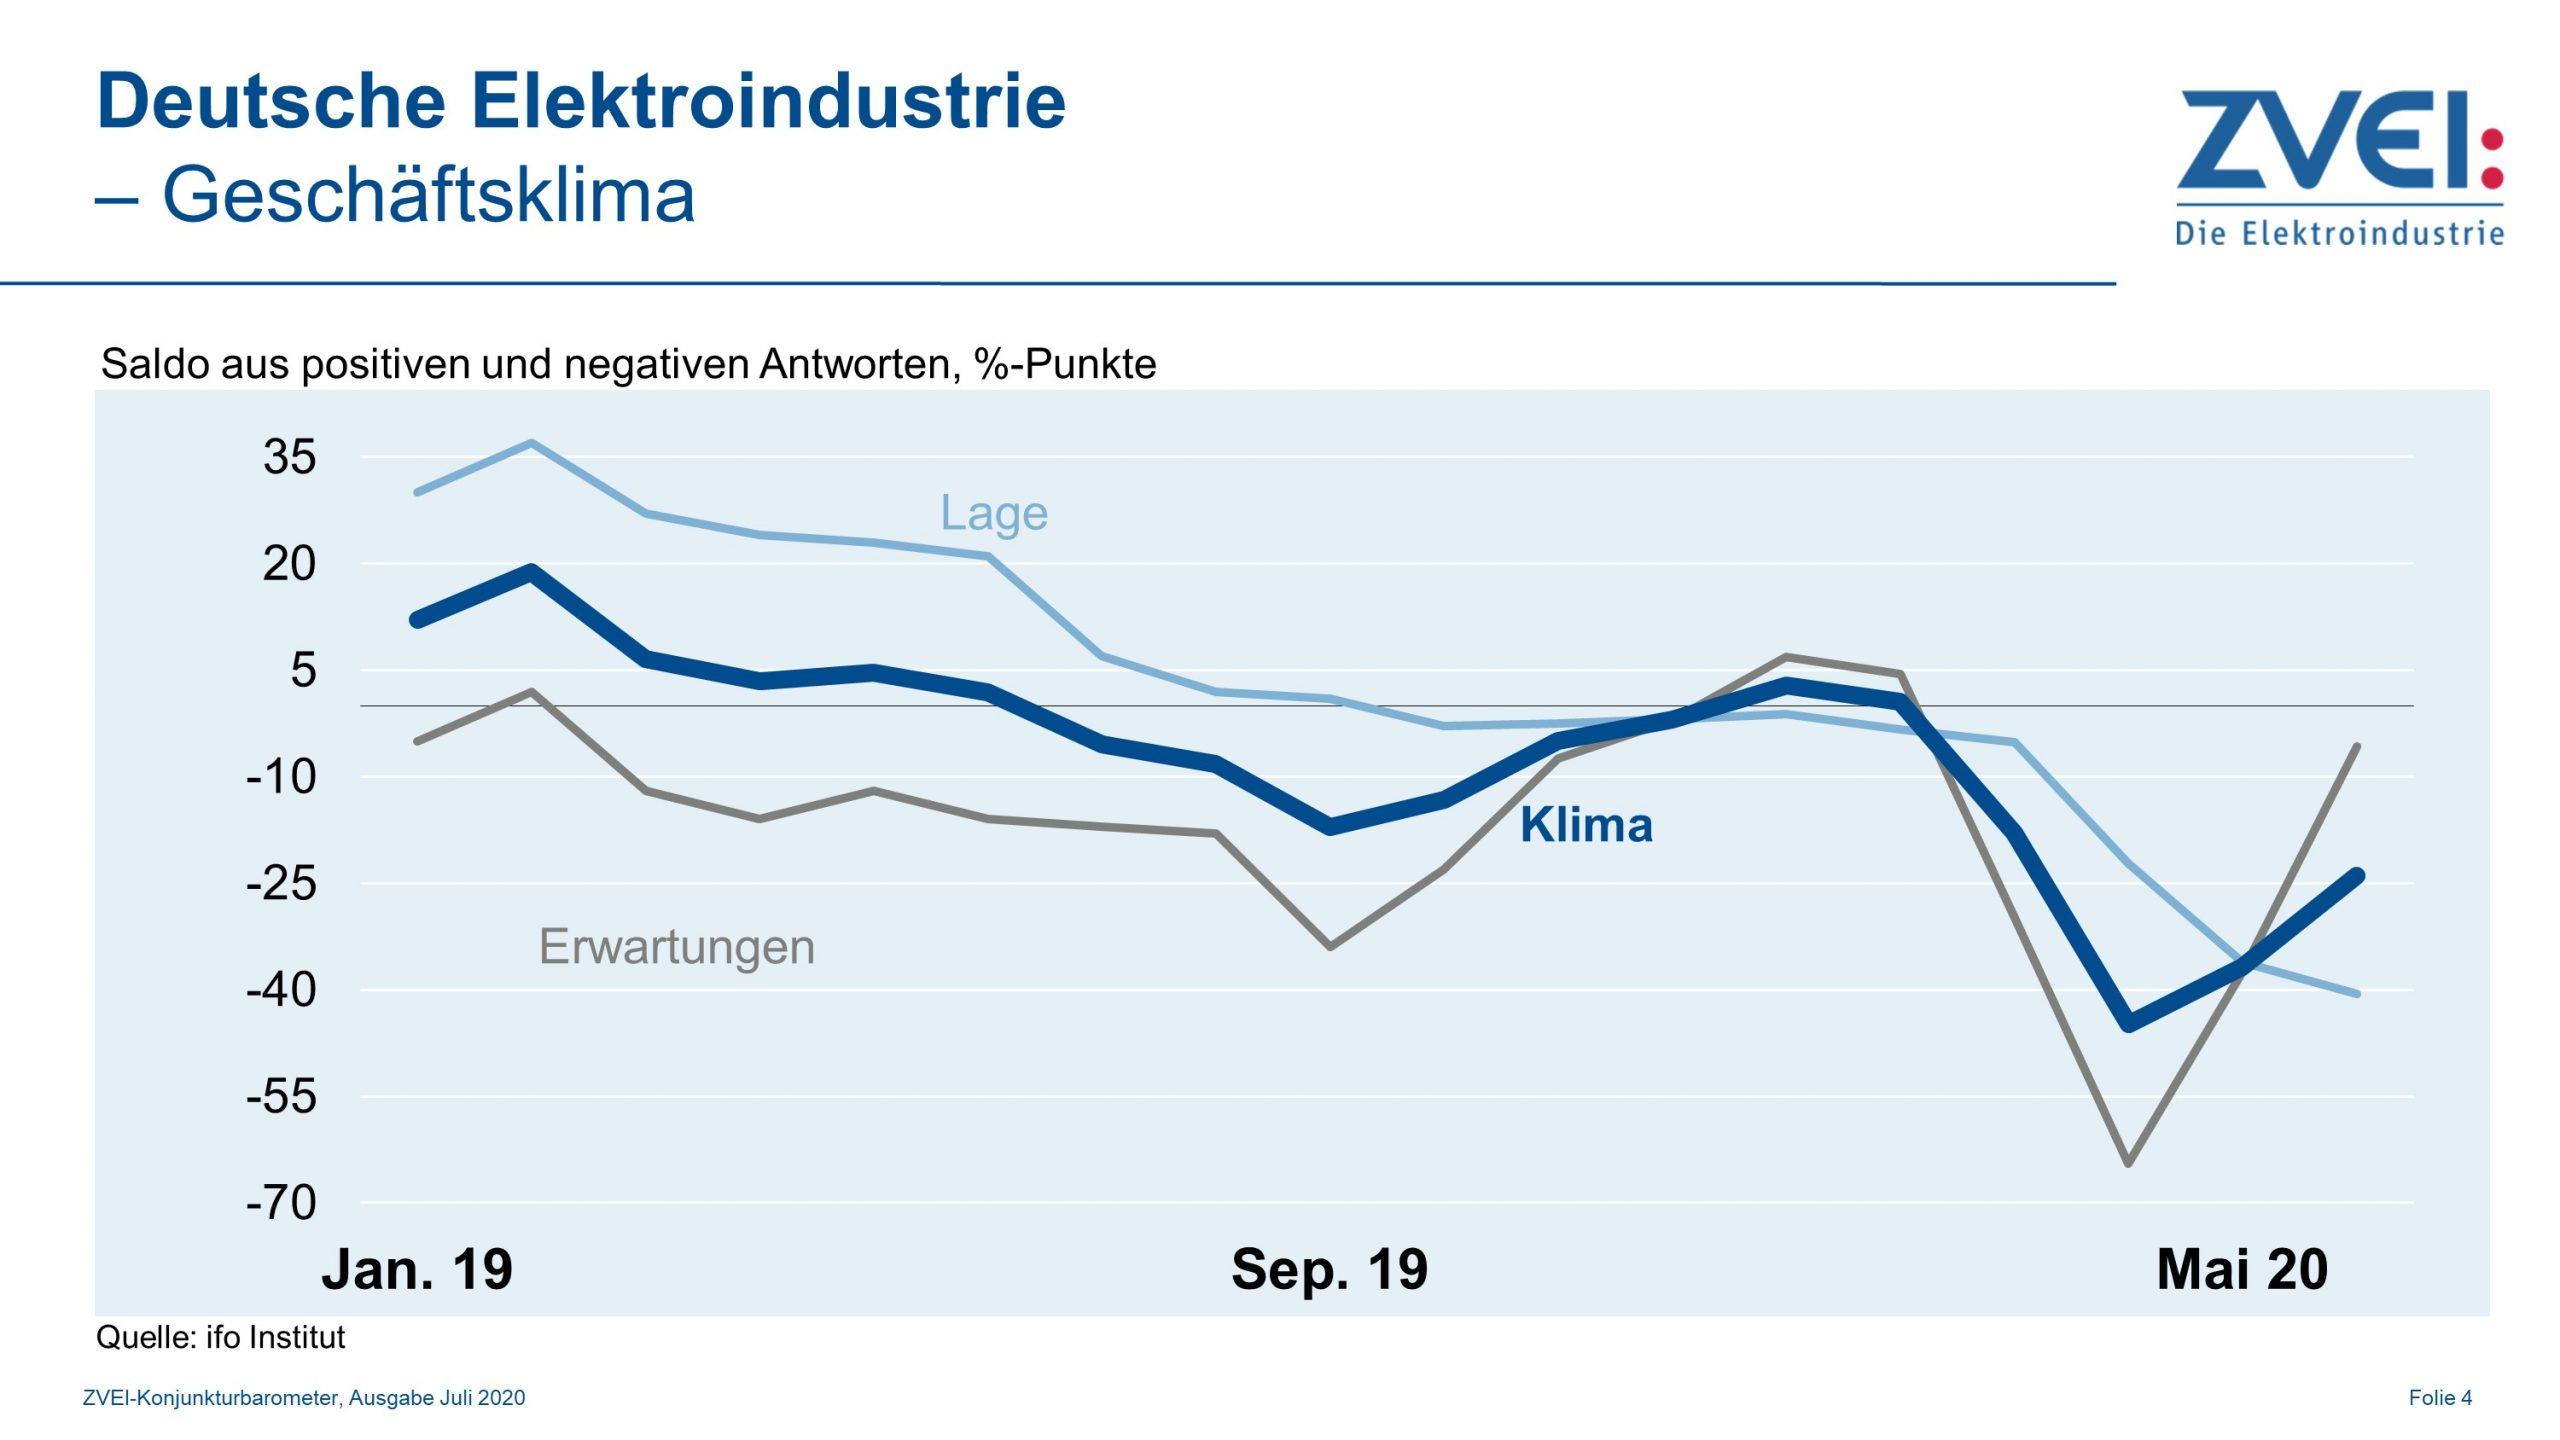 Deutsche Elektroindustrie: Geschäftsklima erholt sich